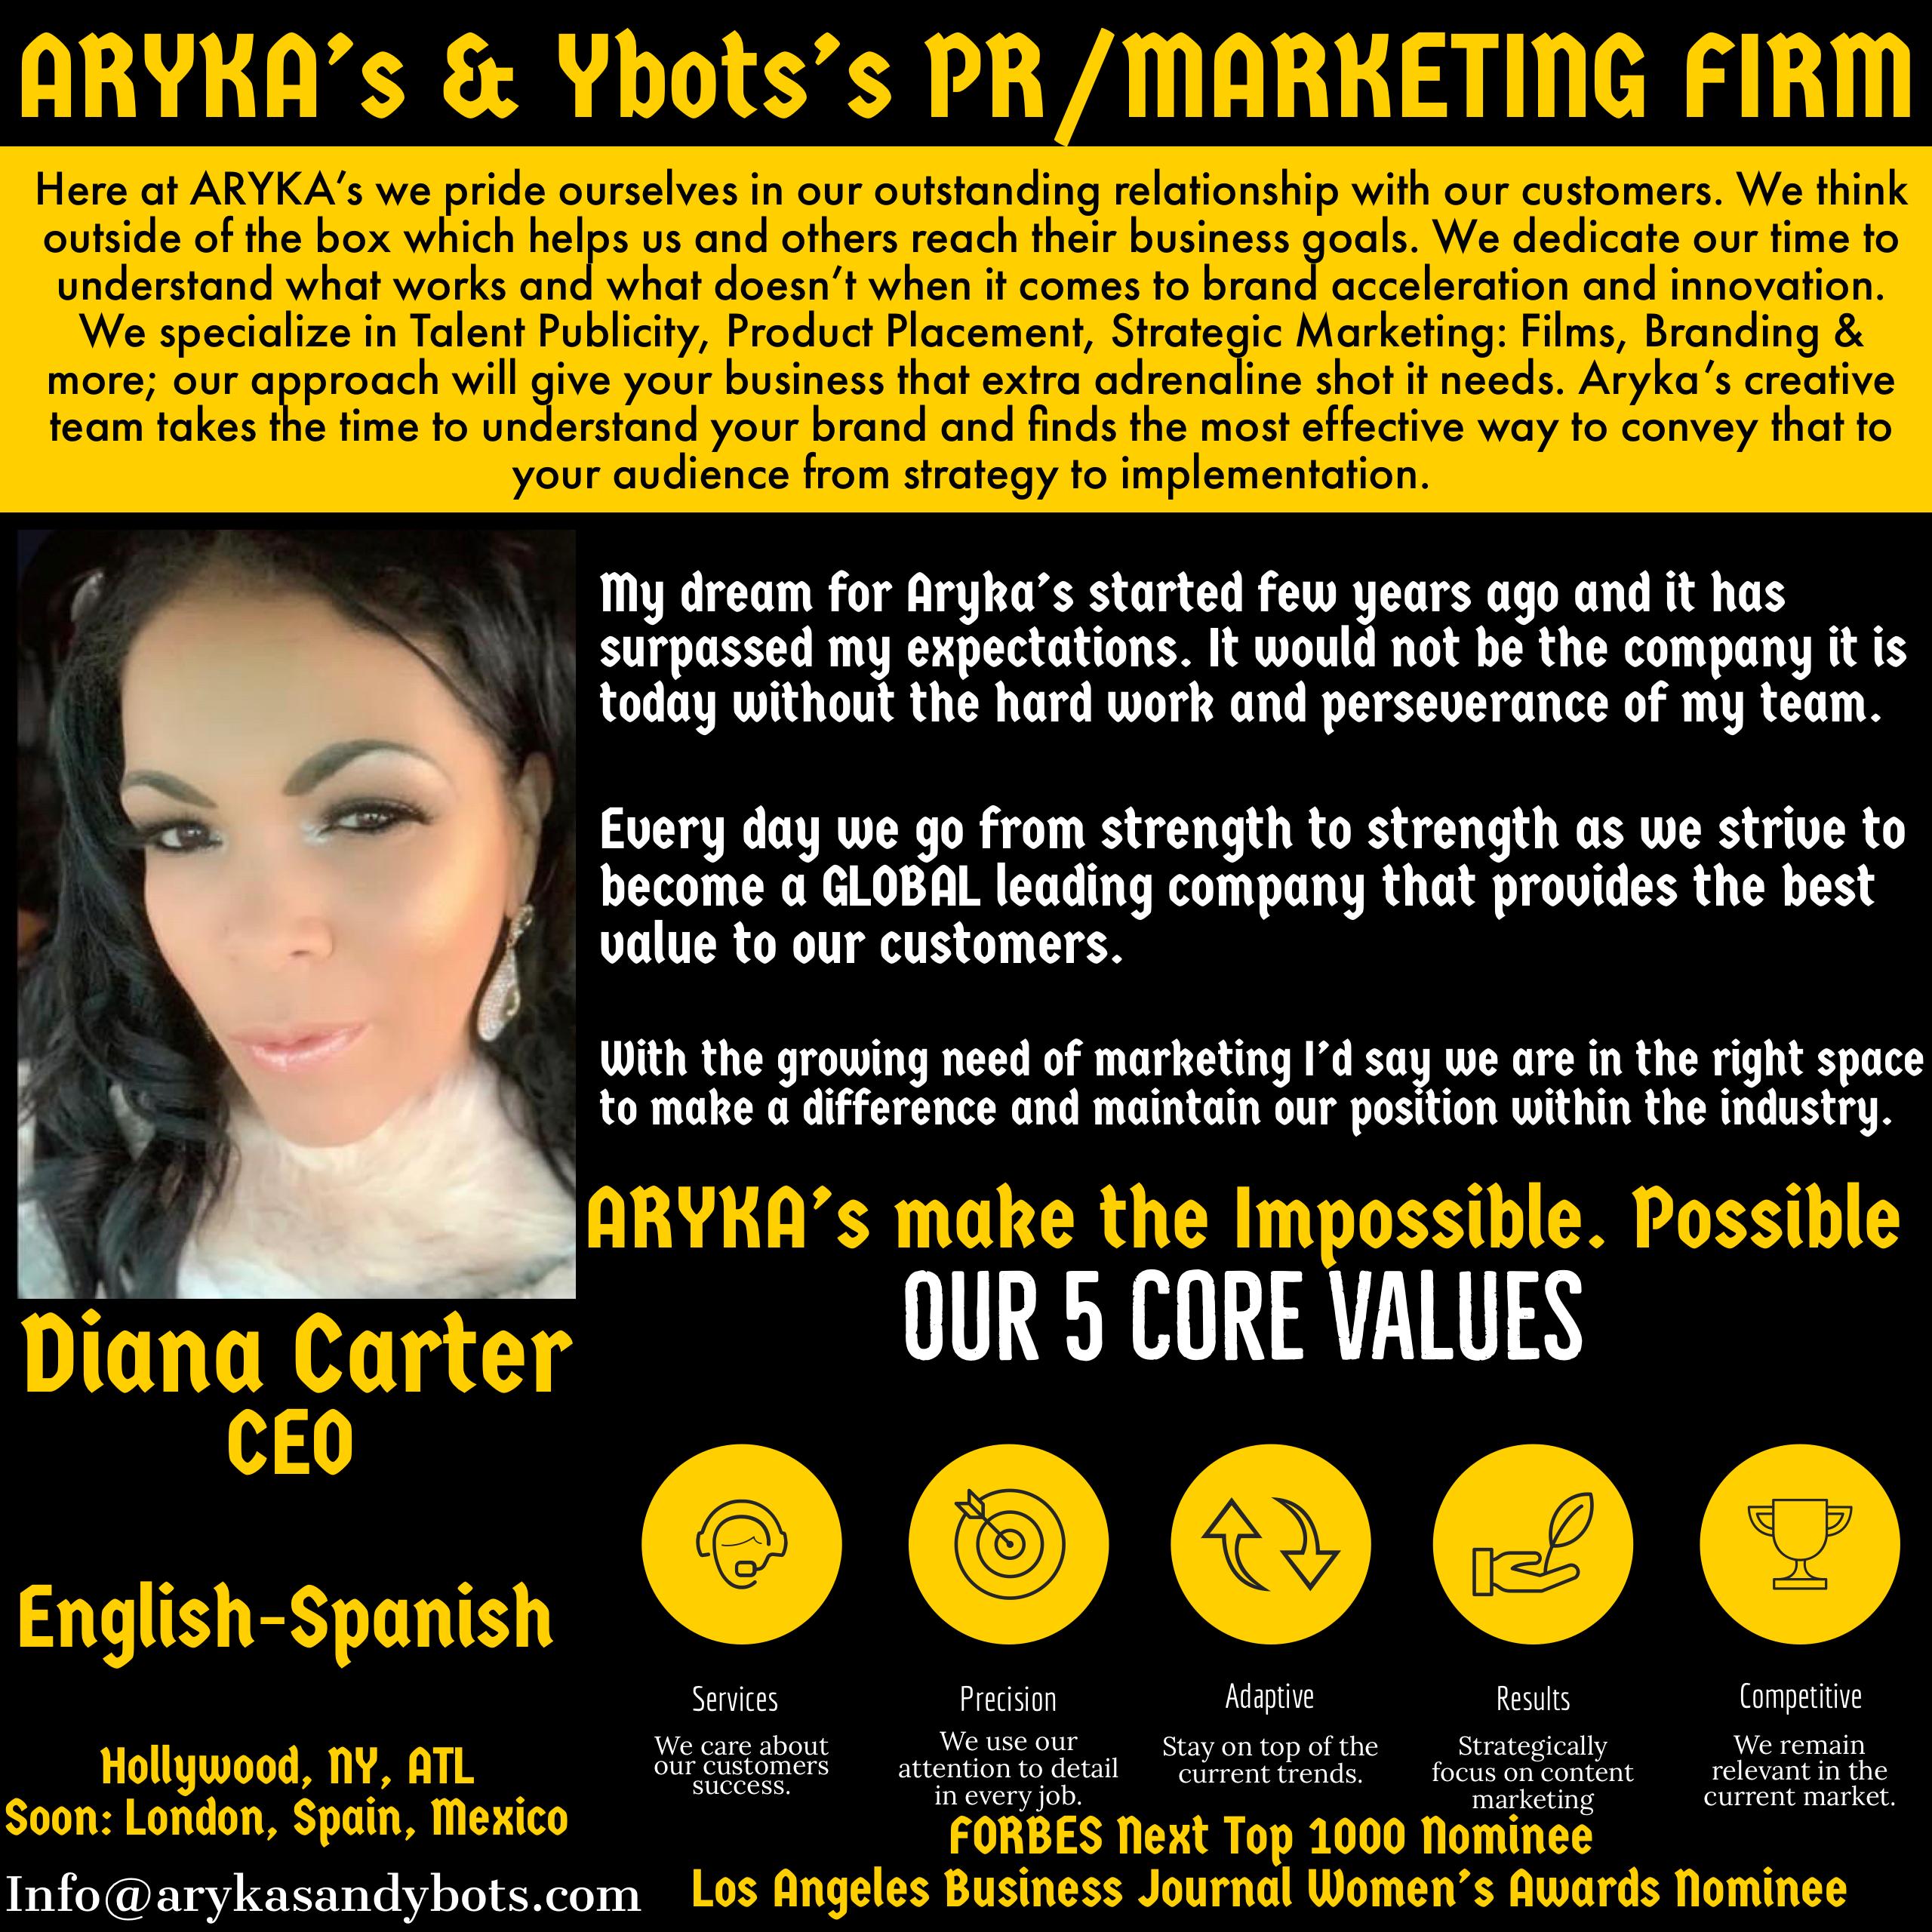 Arykas PR wins Silver Award